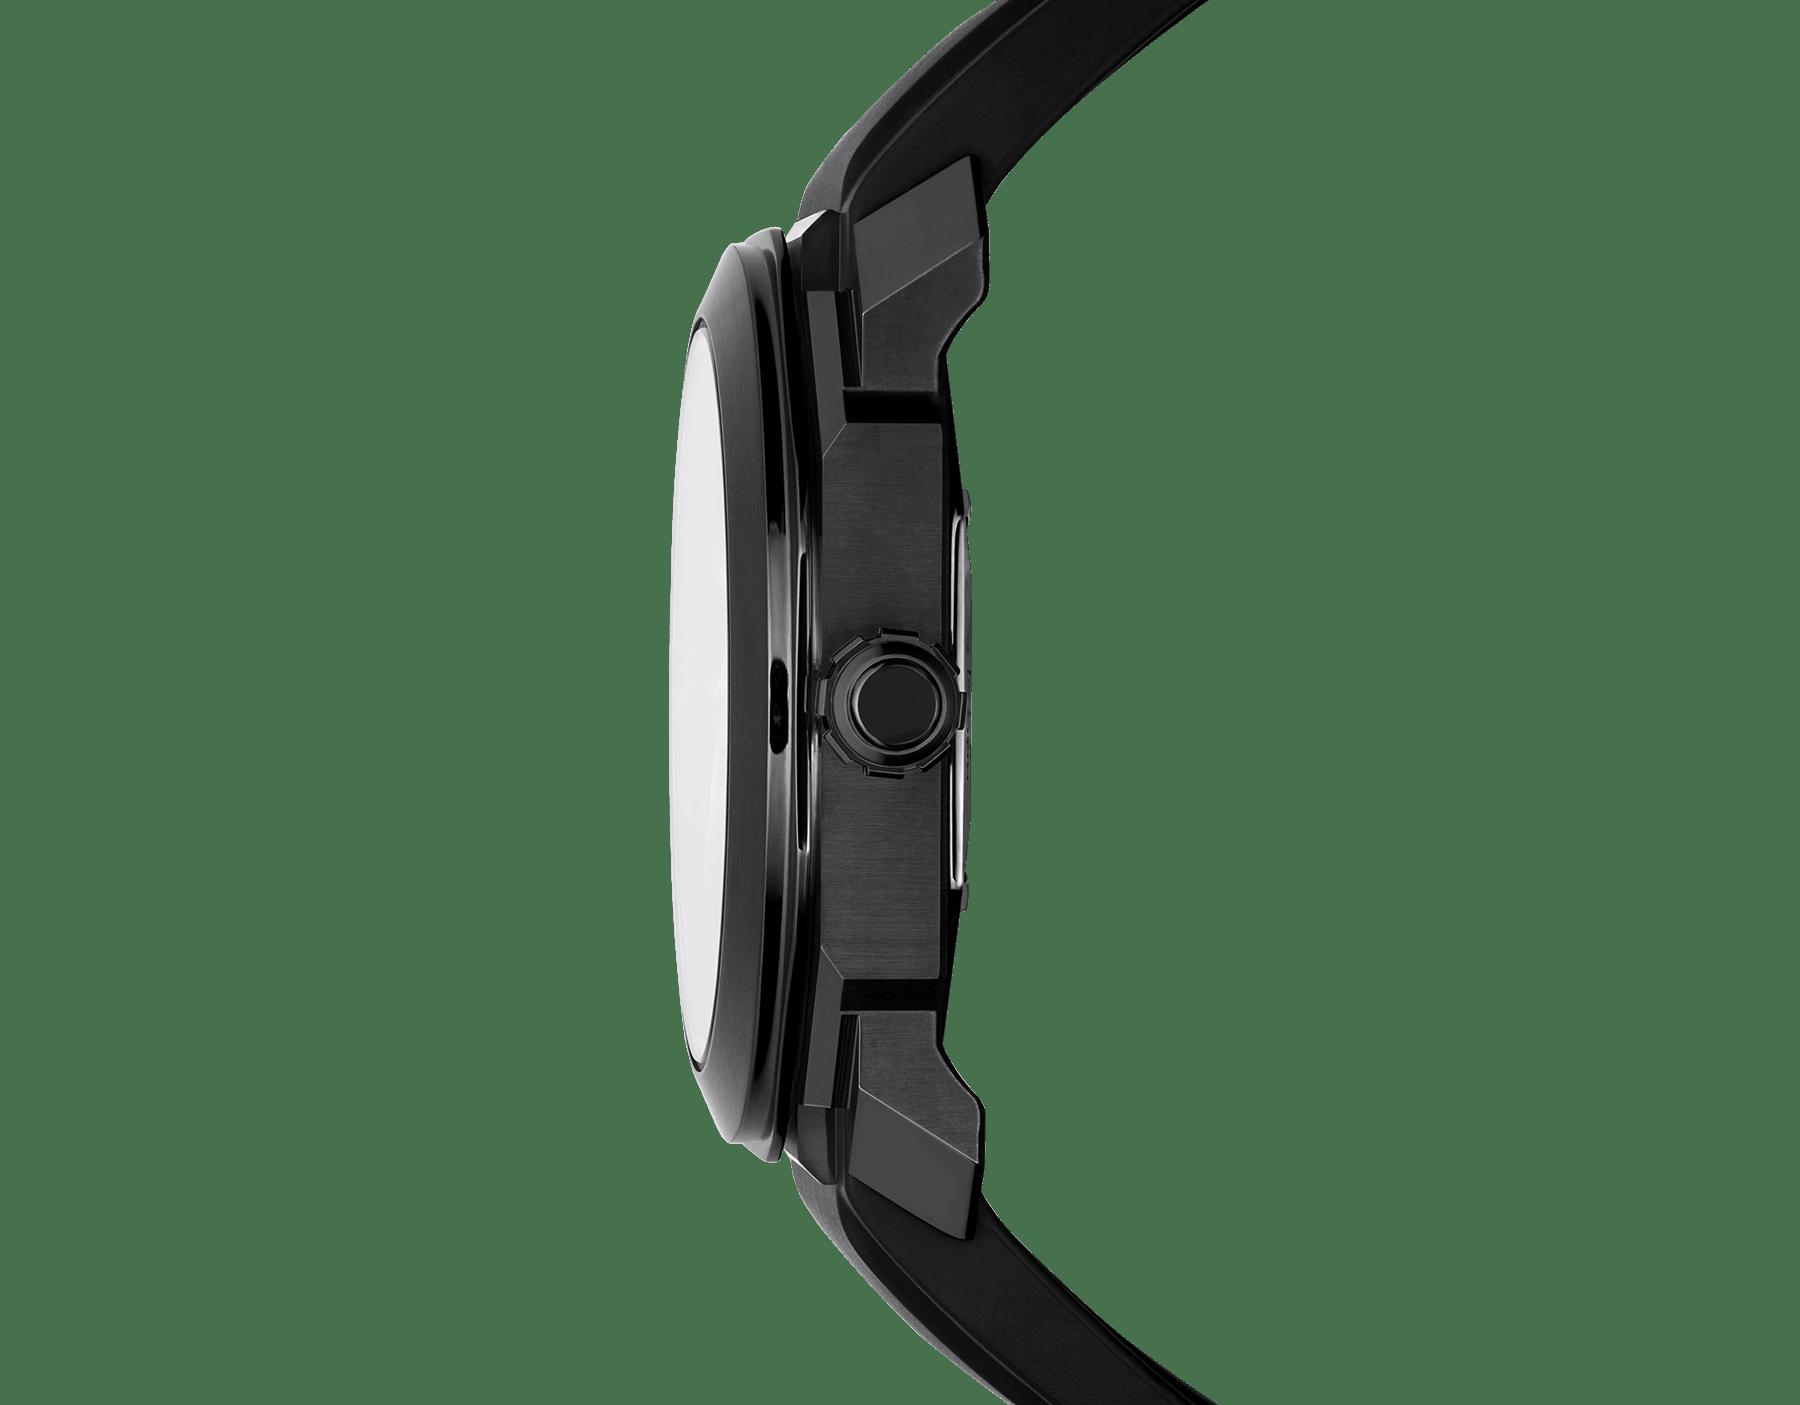 Orologio Octo con movimento meccanico di manifattura a carica automatica e datario, cassa in acciaio inossidabile con trattamento DLC (Diamond-Like Carbon) nero, quadrante laccato nero e cinturino in caucciù nero. 102738 image 3